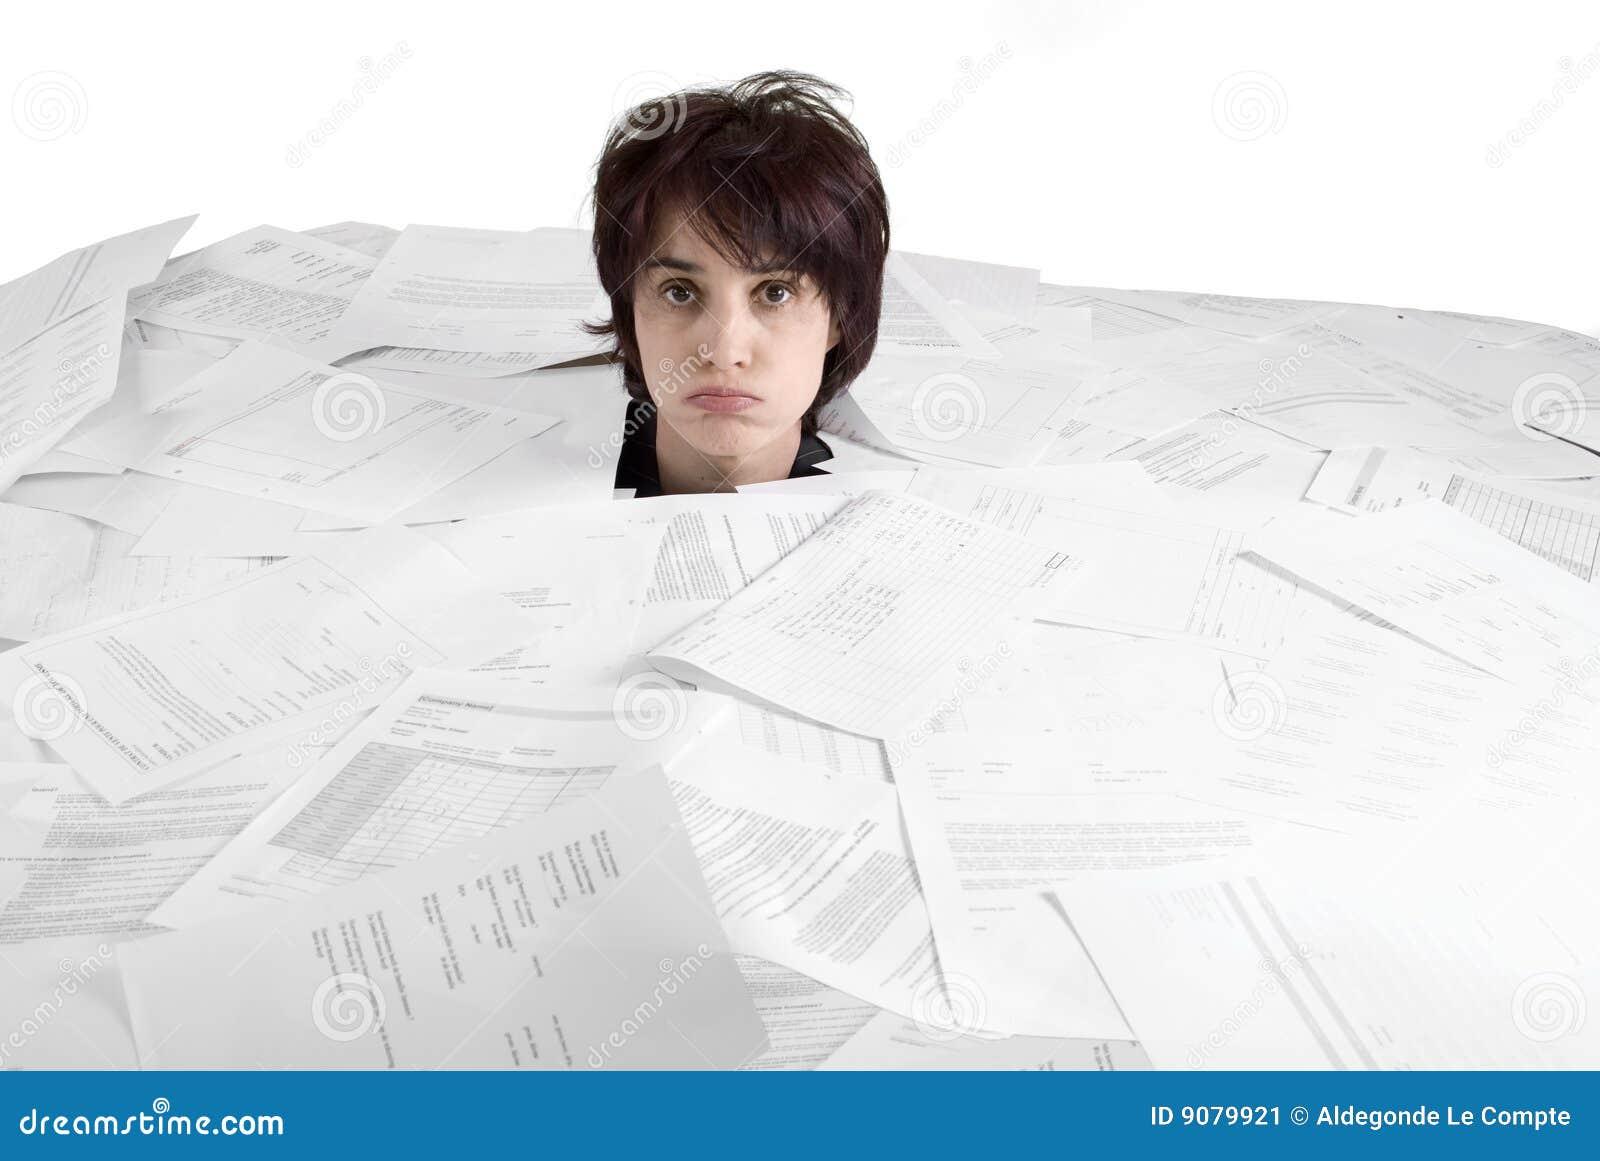 Womans gehen voll stikking aus einem Schreibtisch der Papiere heraus voran